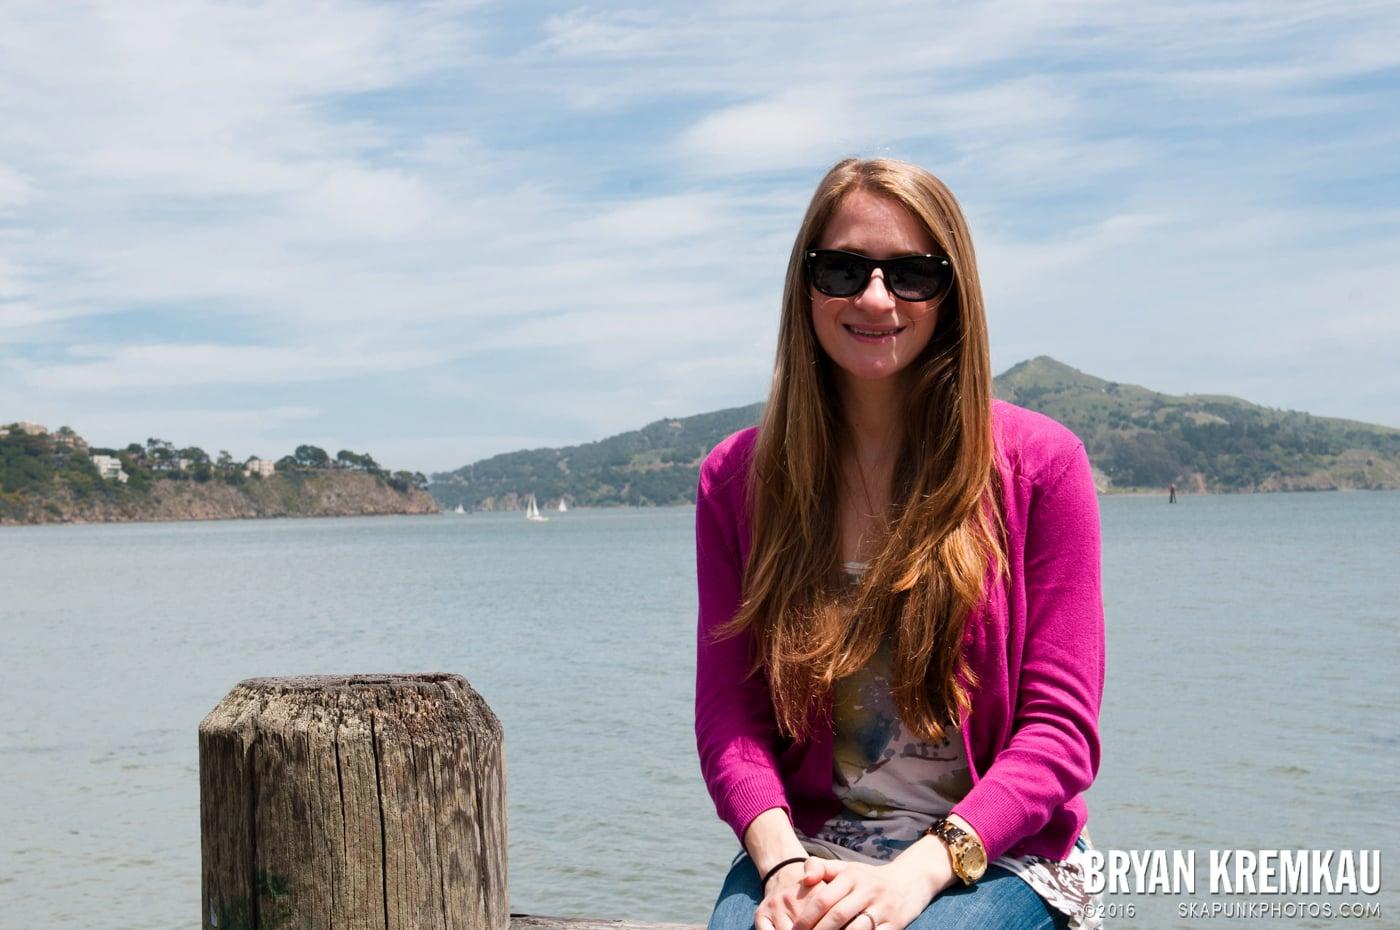 San Francisco Vacation - Day 3 - 4.30.12 (58)